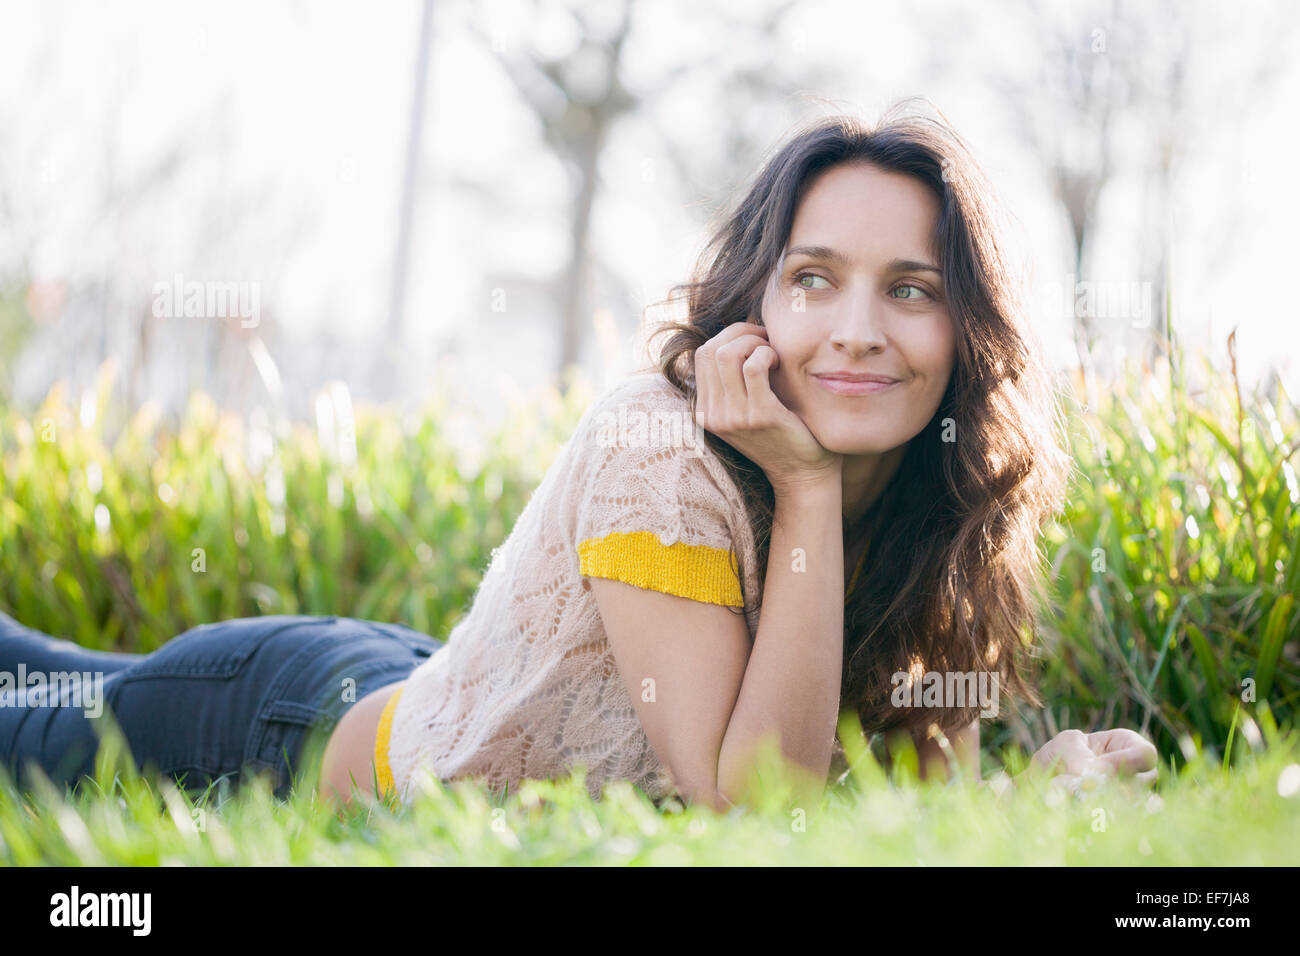 Glücklich schöne Frau auf der Wiese liegend Stockbild